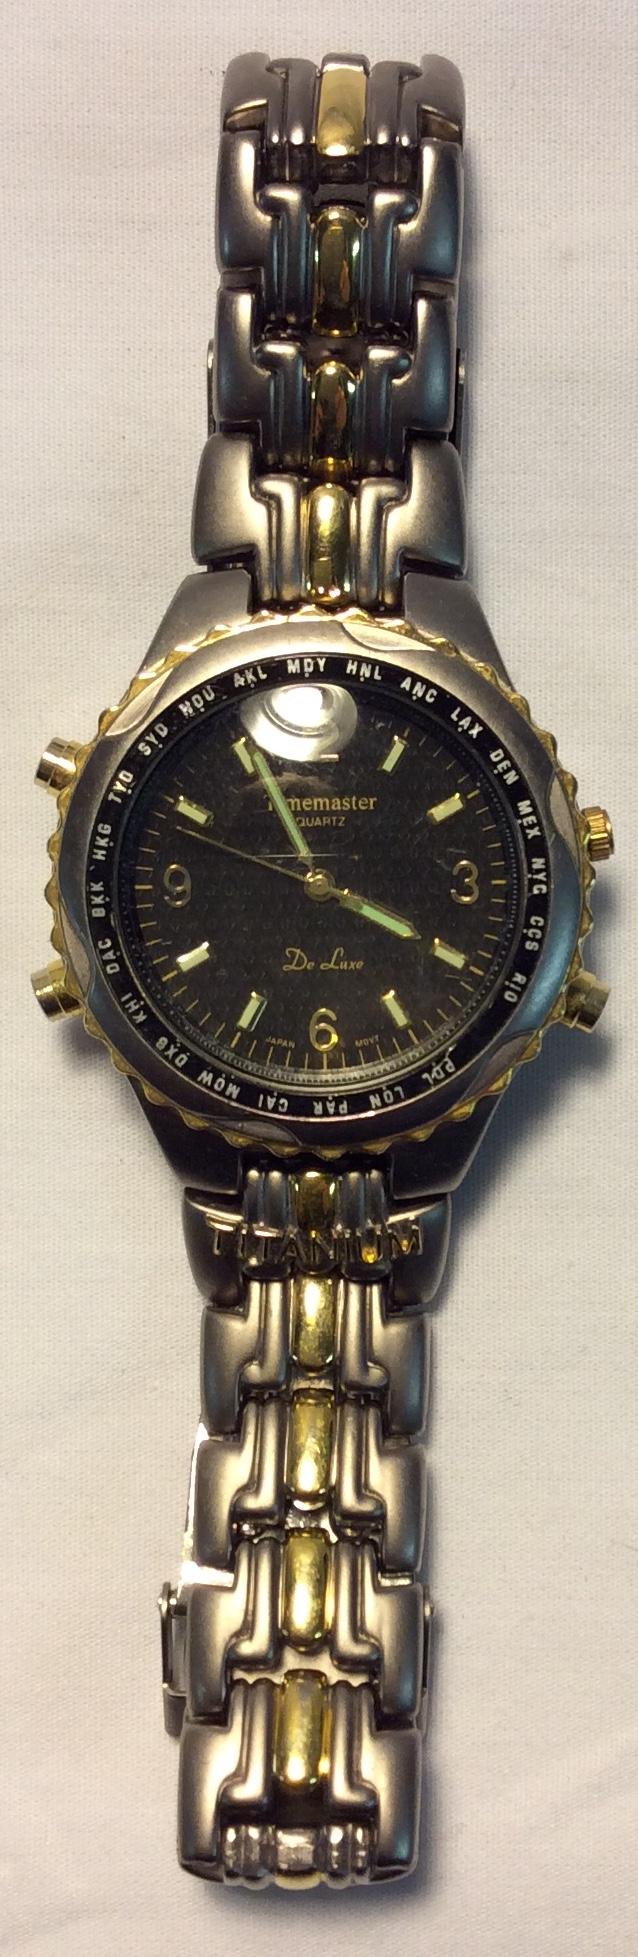 Timemaster Quartz Textured black